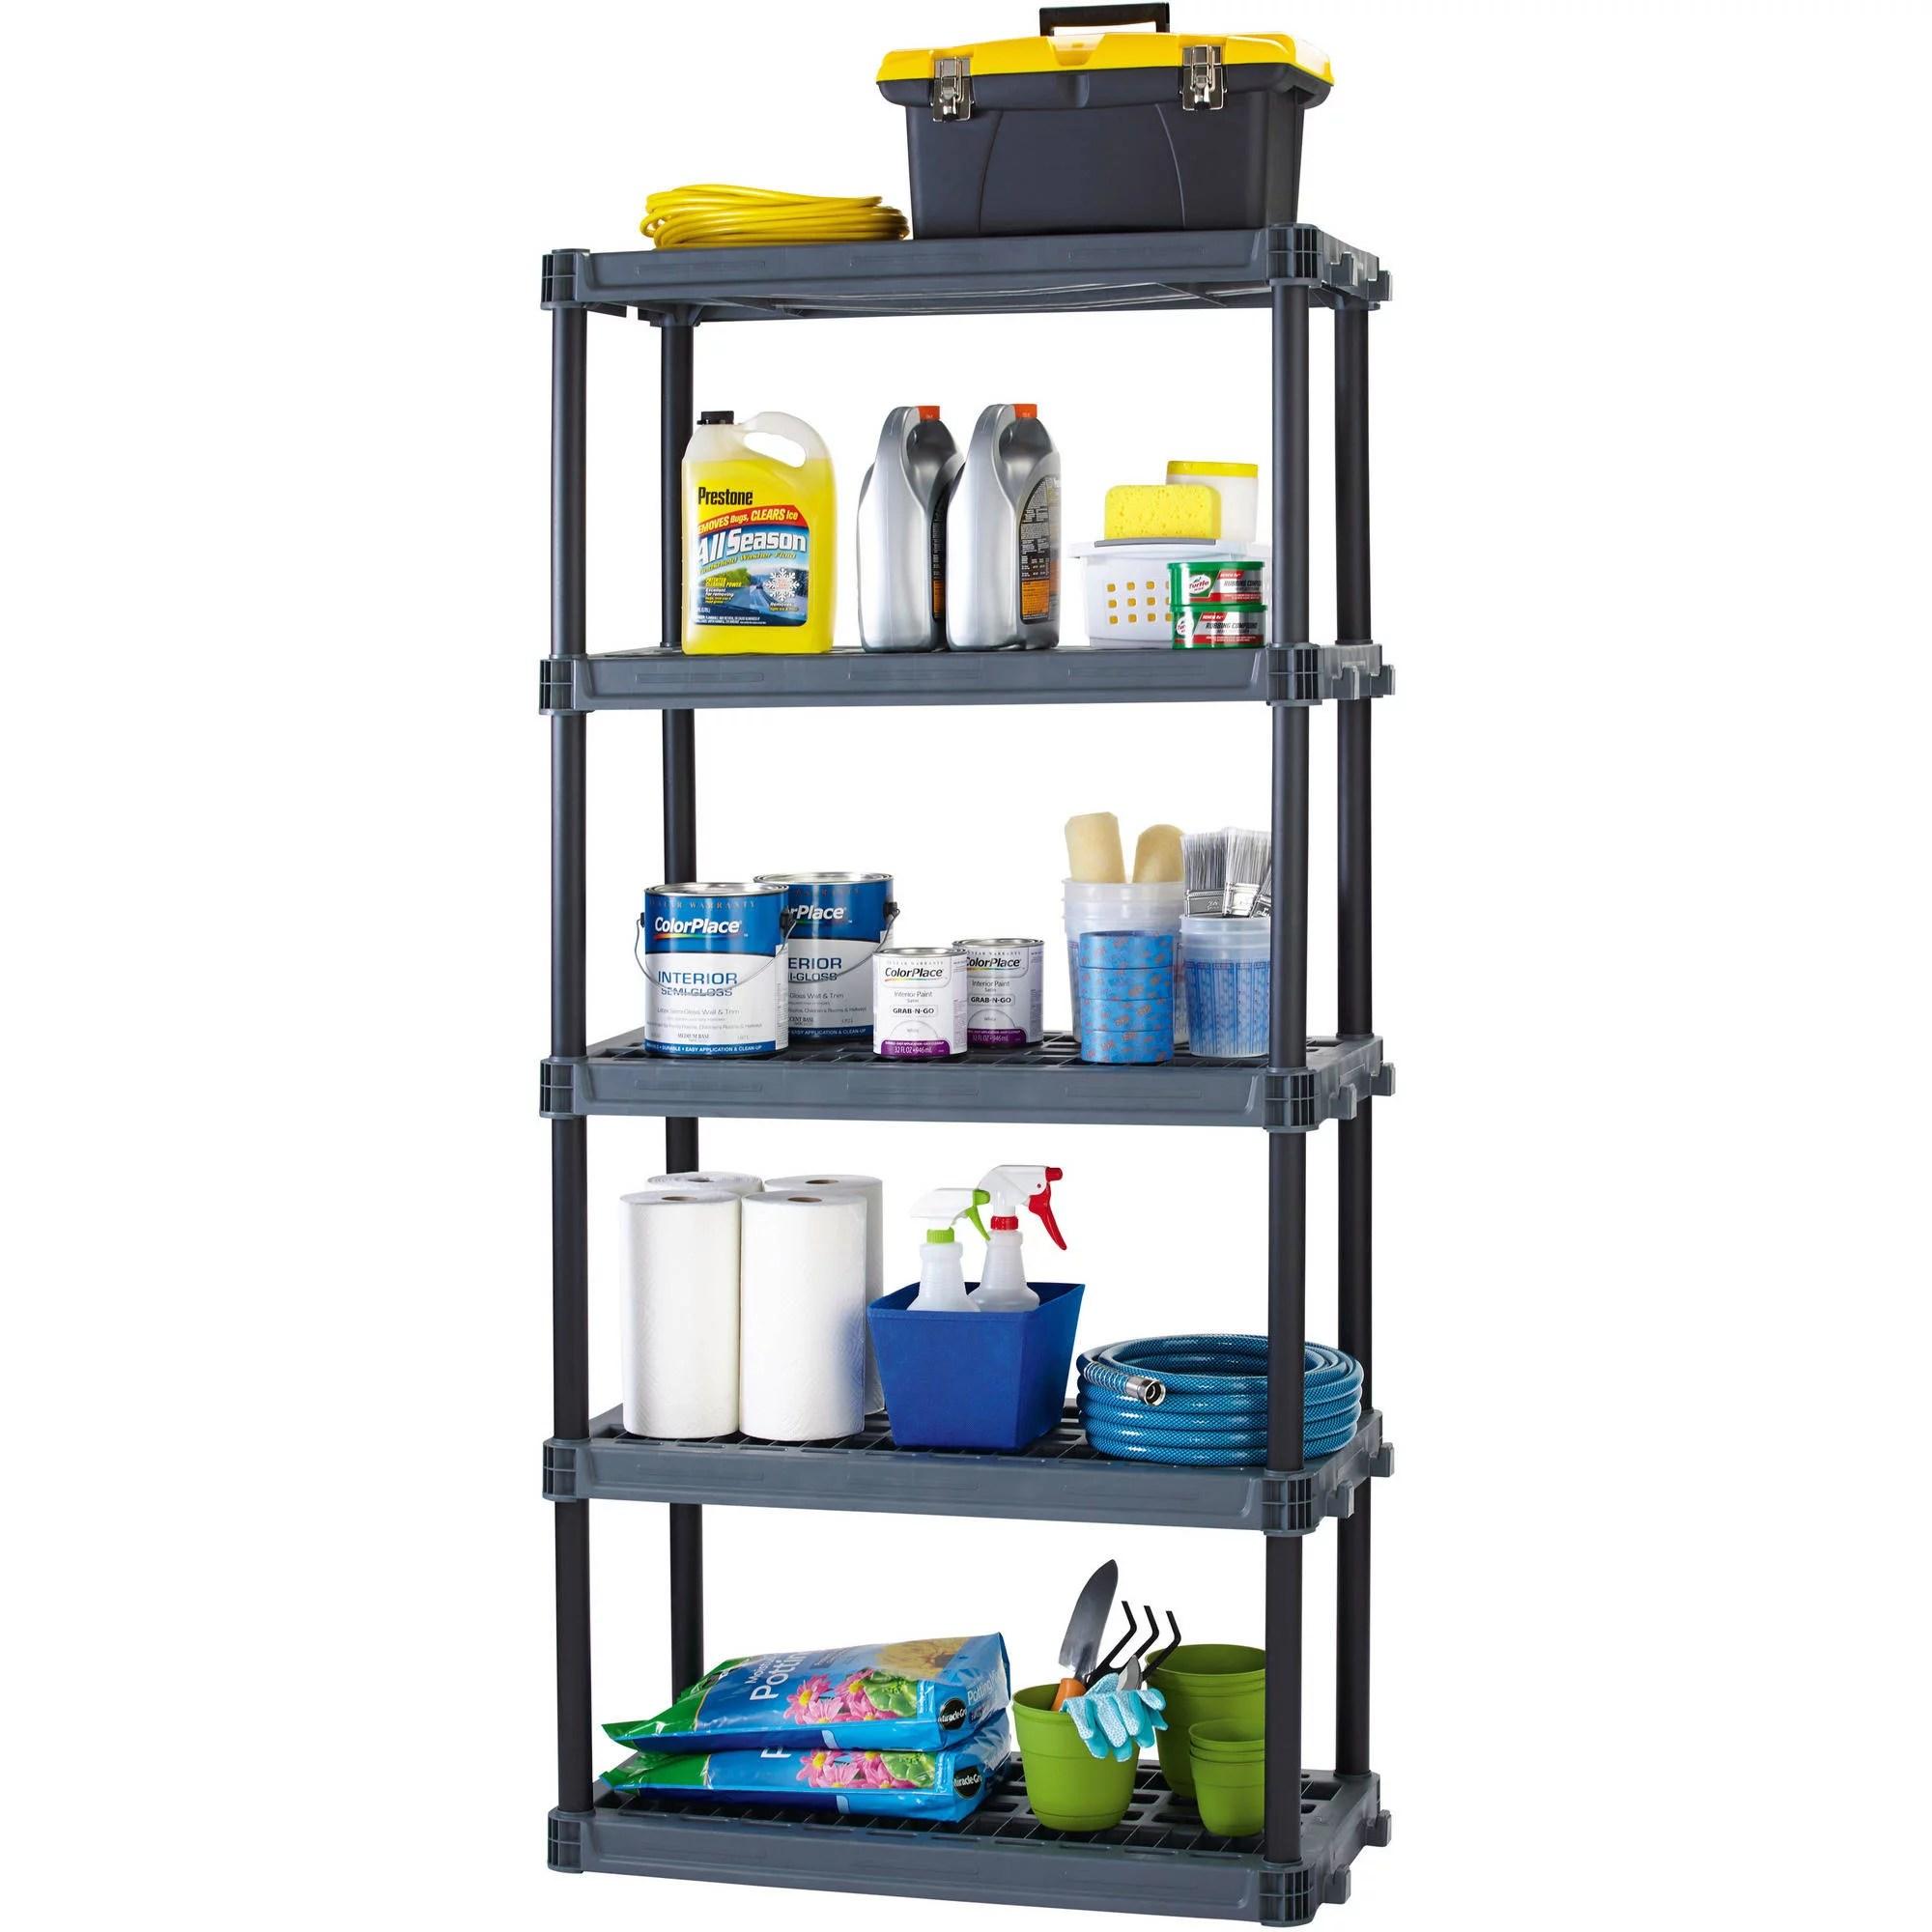 workchoice 5 shelf heavy duty plastic storage unit black walmart com